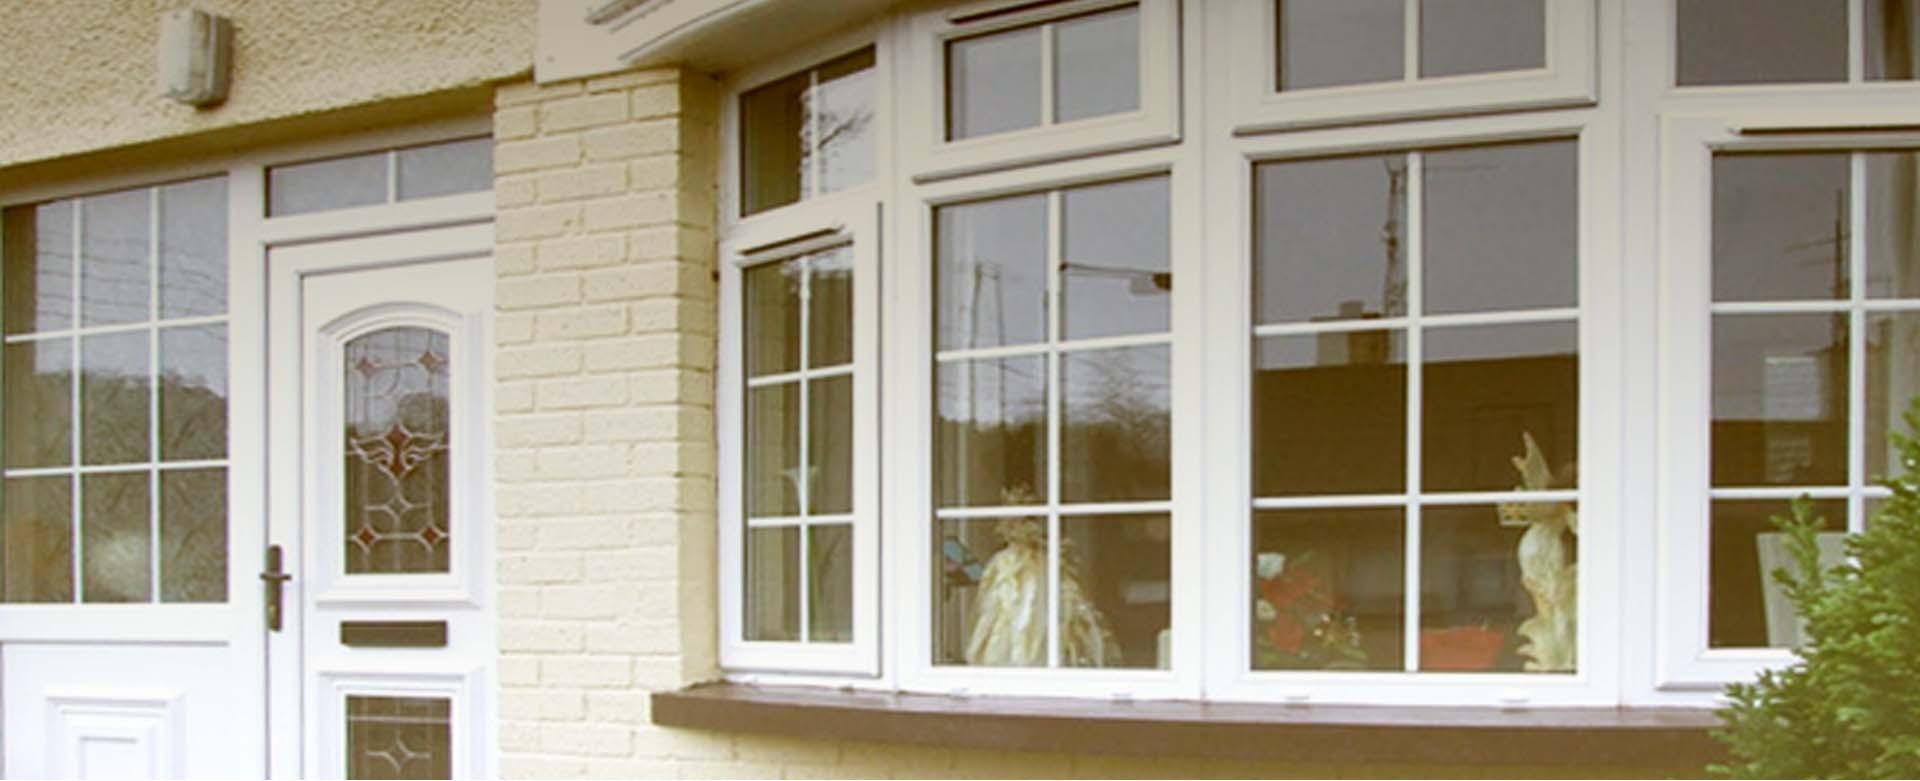 окна для дома